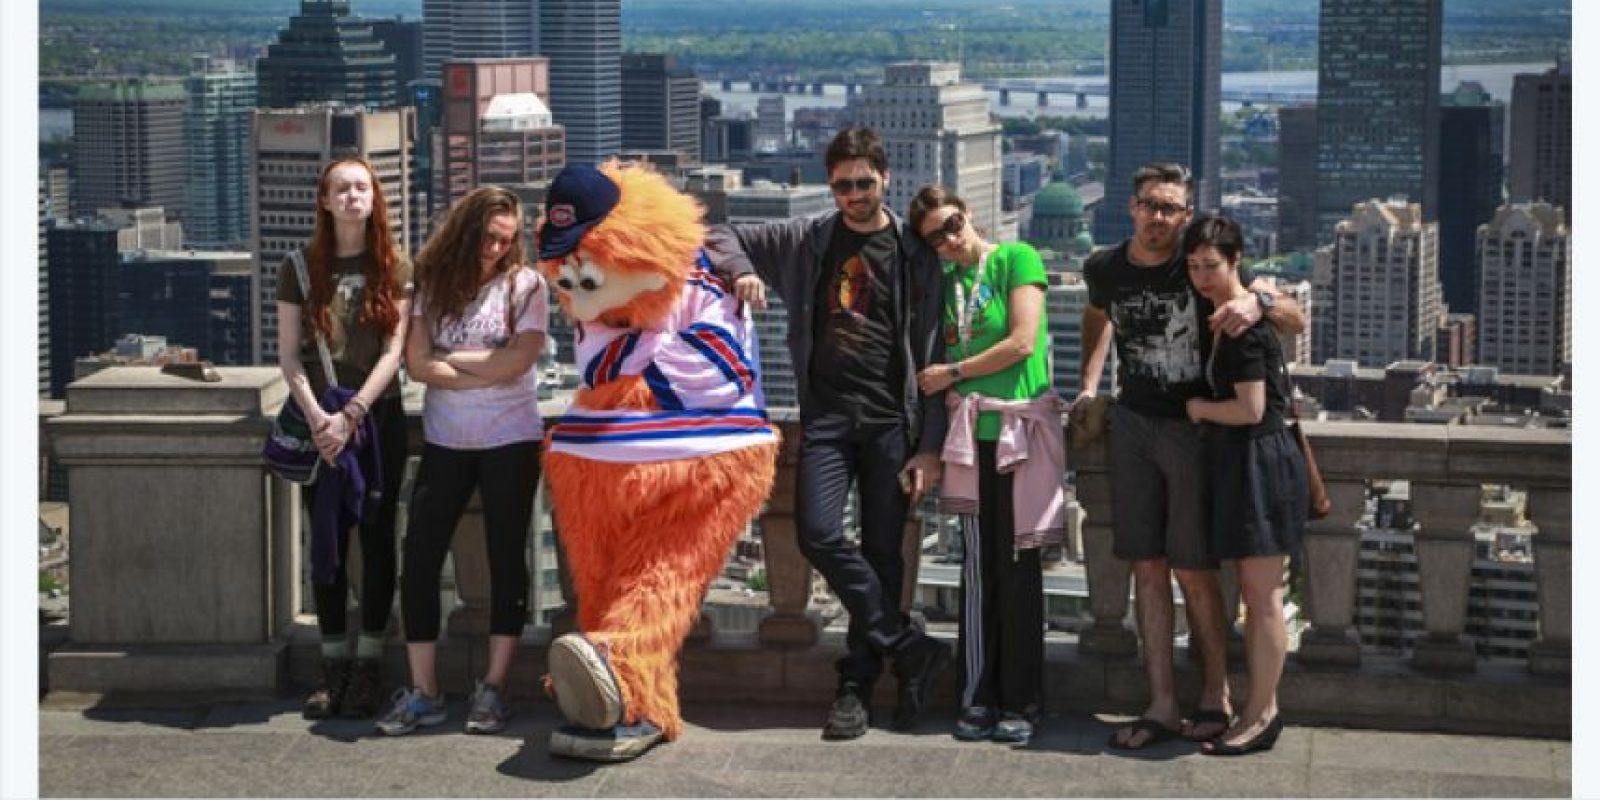 La mascota del equipo de hockey Montreal Canadiens perdió una apuesta con el humorista Jimmy Fallon y debió tomarse fotos triste por toda Montreal… con una camiseta de los New York Rangers. Foto:Twitter / @CanadiensMTL